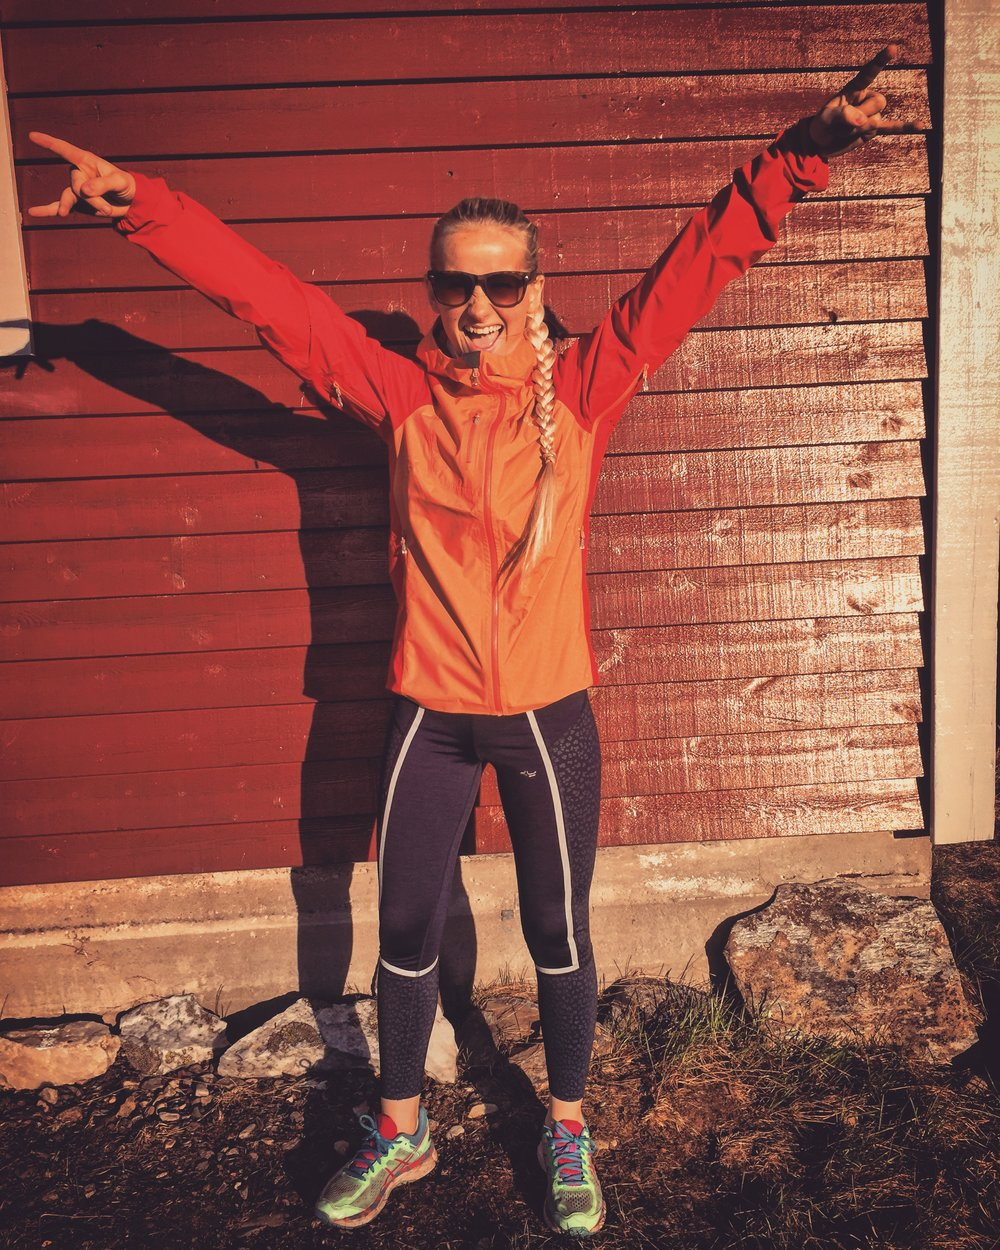 Har tatt opp løping igjen som treningsform og kanskje etterhvert i større skala.